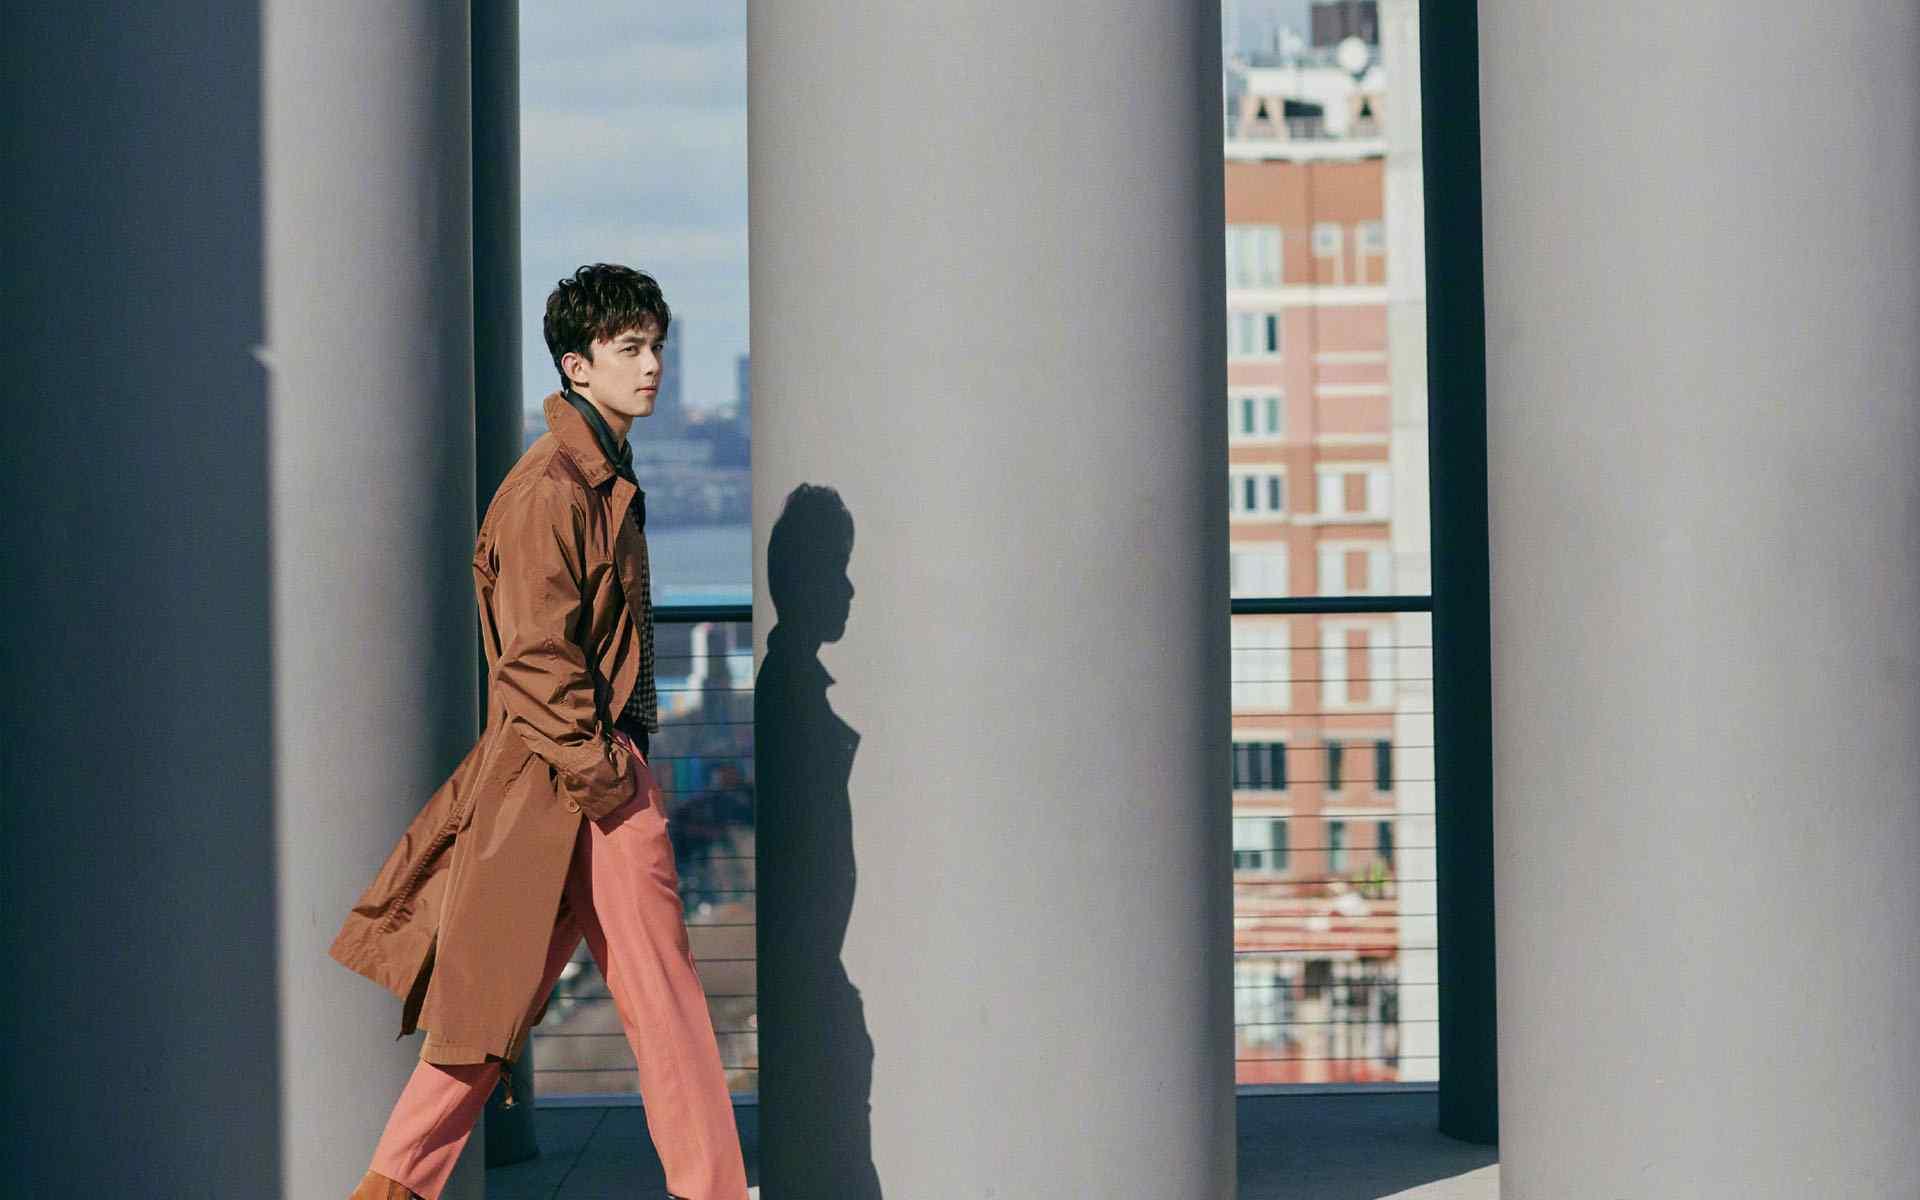 大长腿吴磊纽约街拍写真高清壁纸